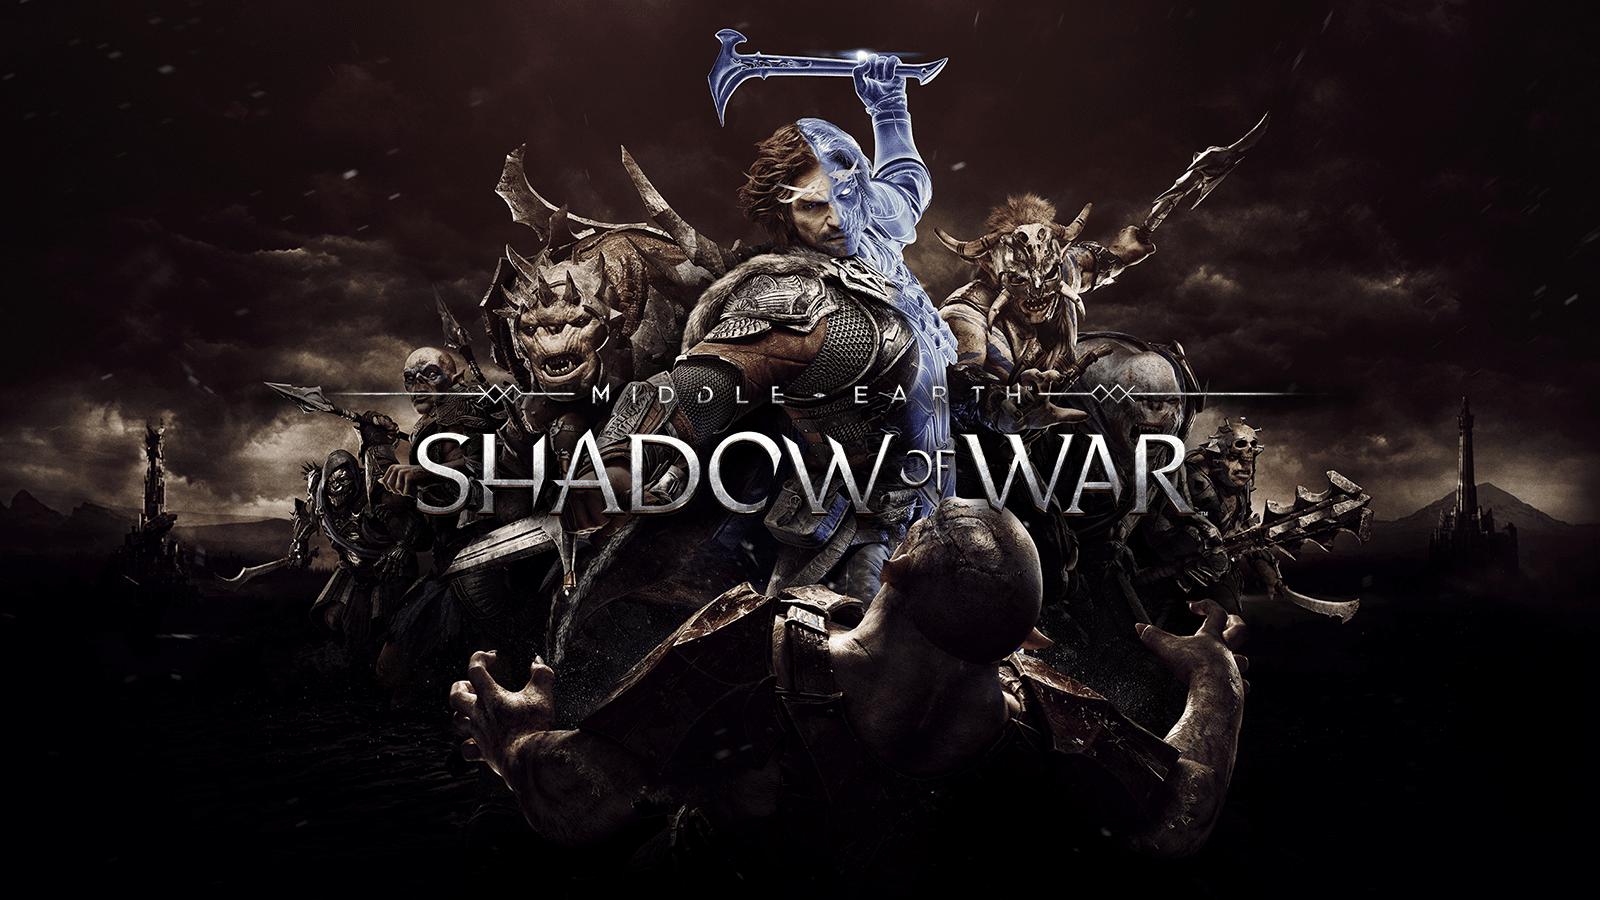 Middle-earth: Shadow of War telecharger gratuit de PC et Torrent